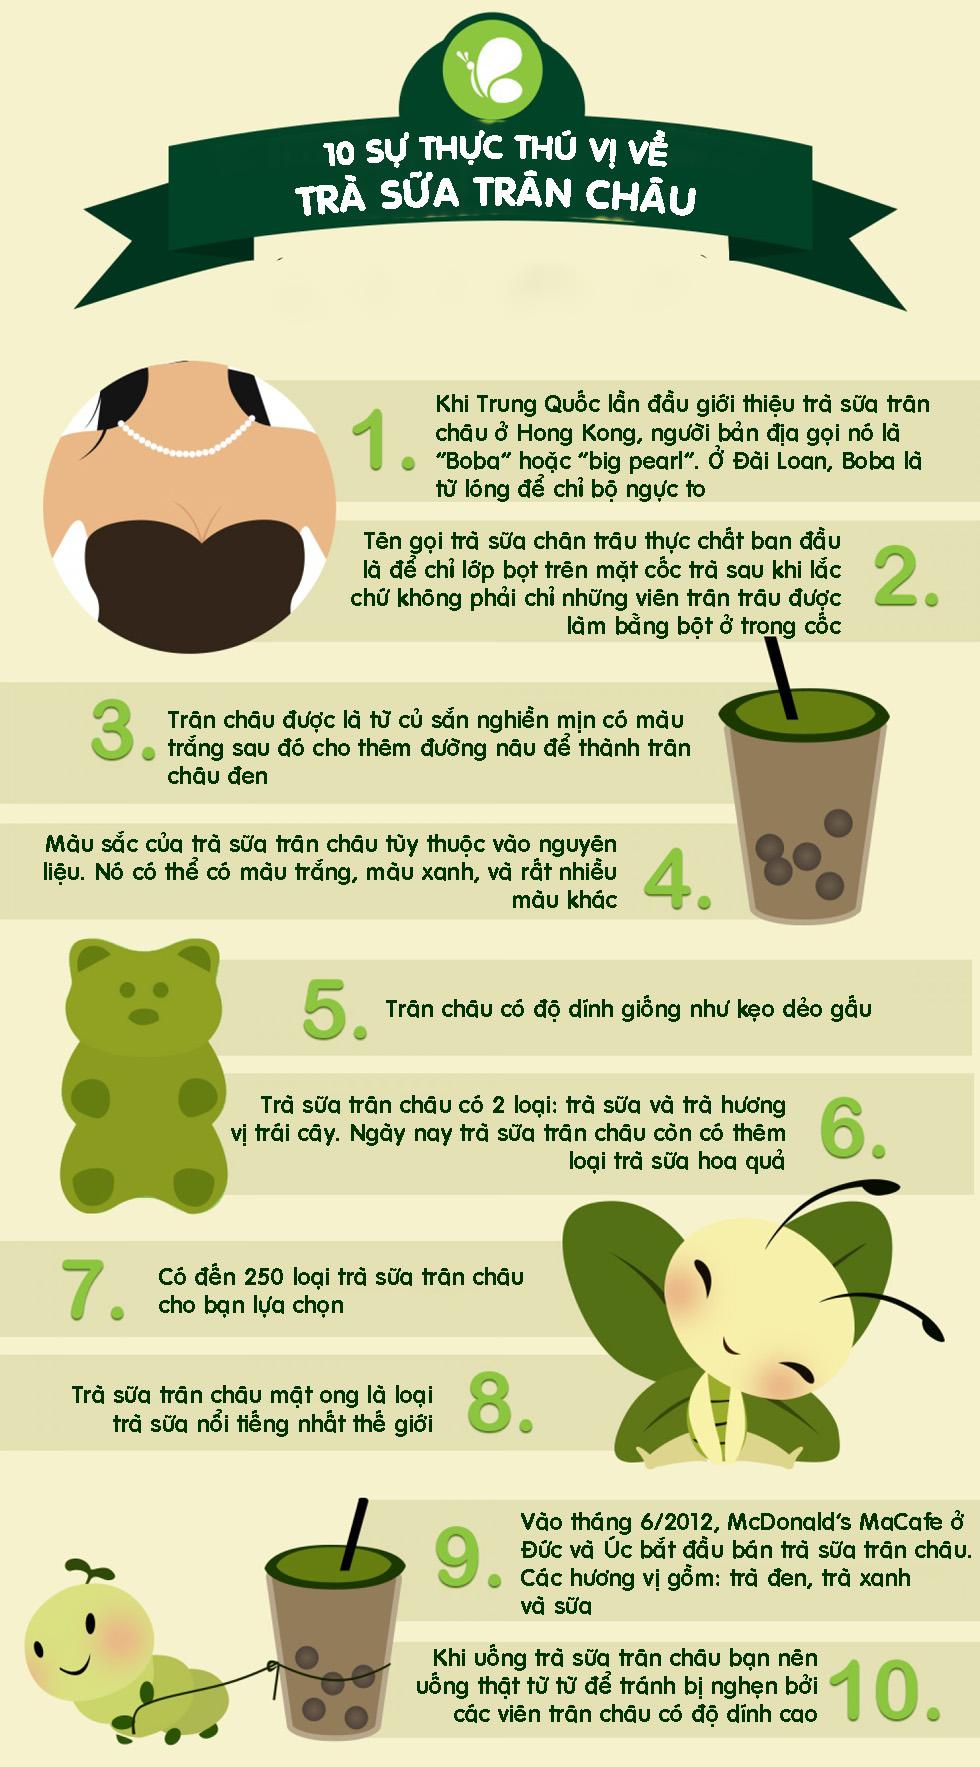 Uống trà sữa bấy lâu nhưng bạn đã biết những sự thực này chưa - Ảnh 1